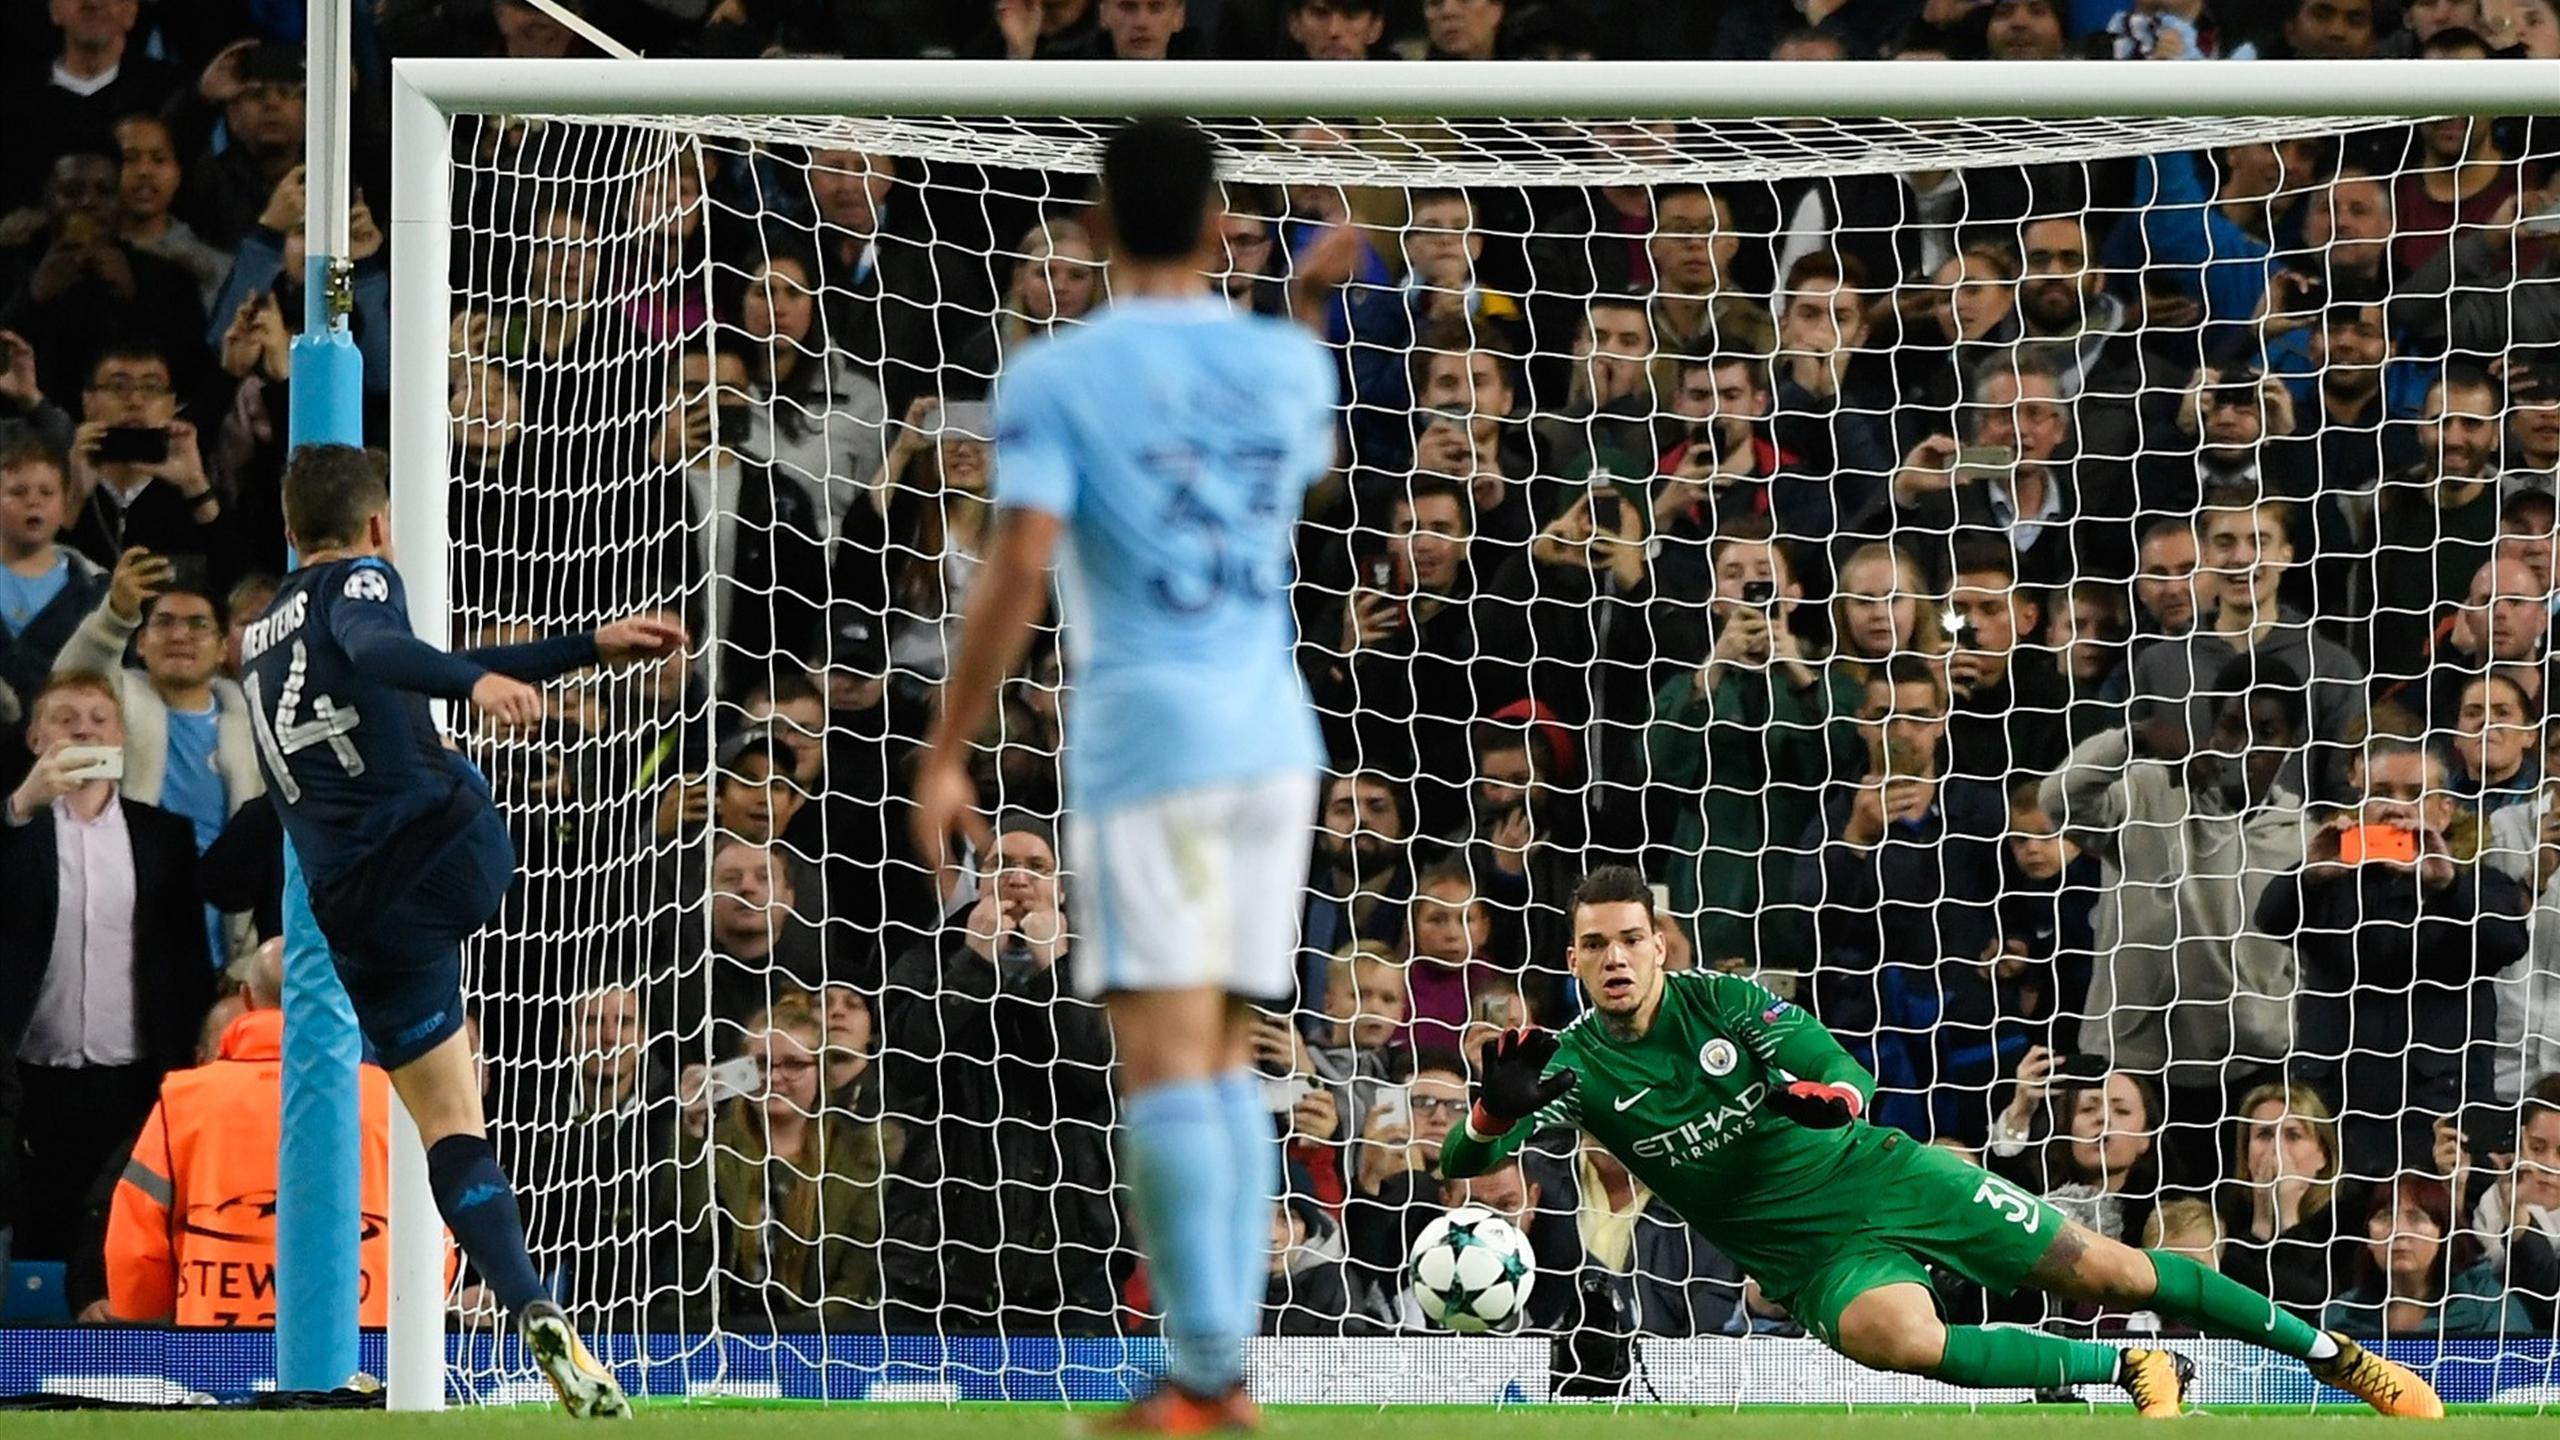 Il Napoli Soffre Per 30', Poi Spaventa Il Manchester City: 2-1 All'etihad